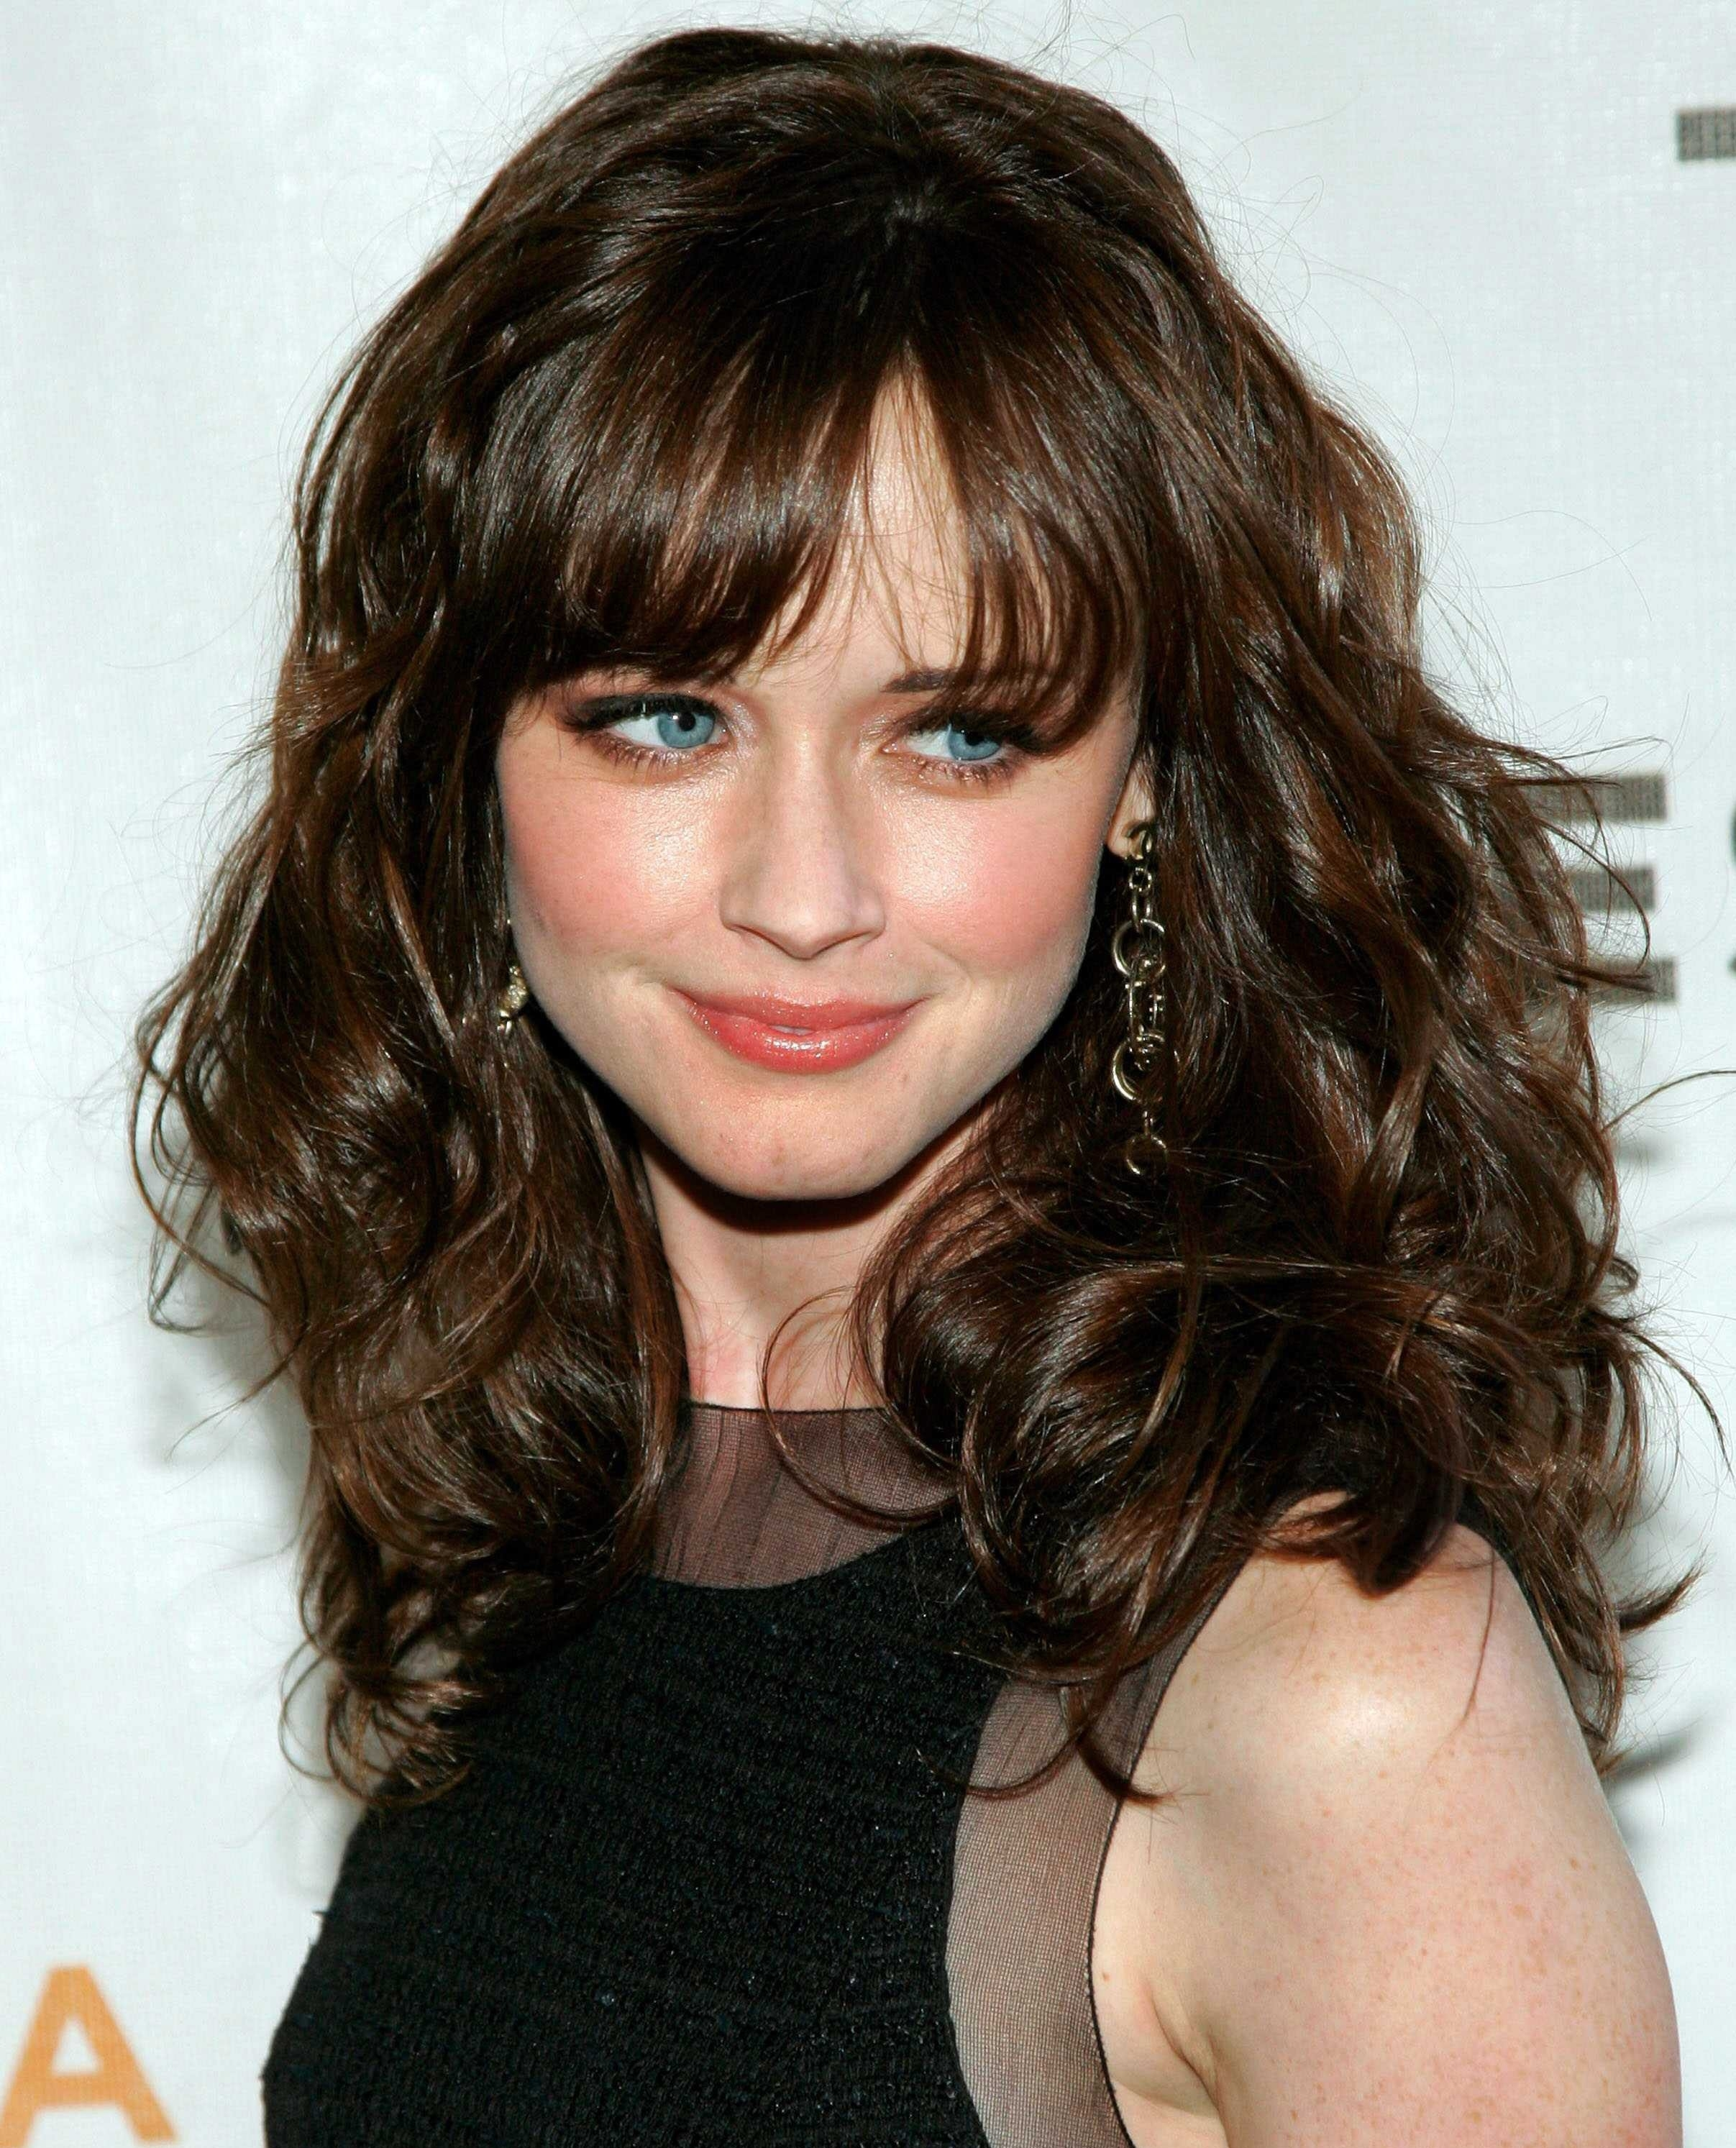 Long Wavy Hairstyles With Bangs Ideas Haircuts For Hair Tutorial with Haircuts For Wavy Hair With Bangs